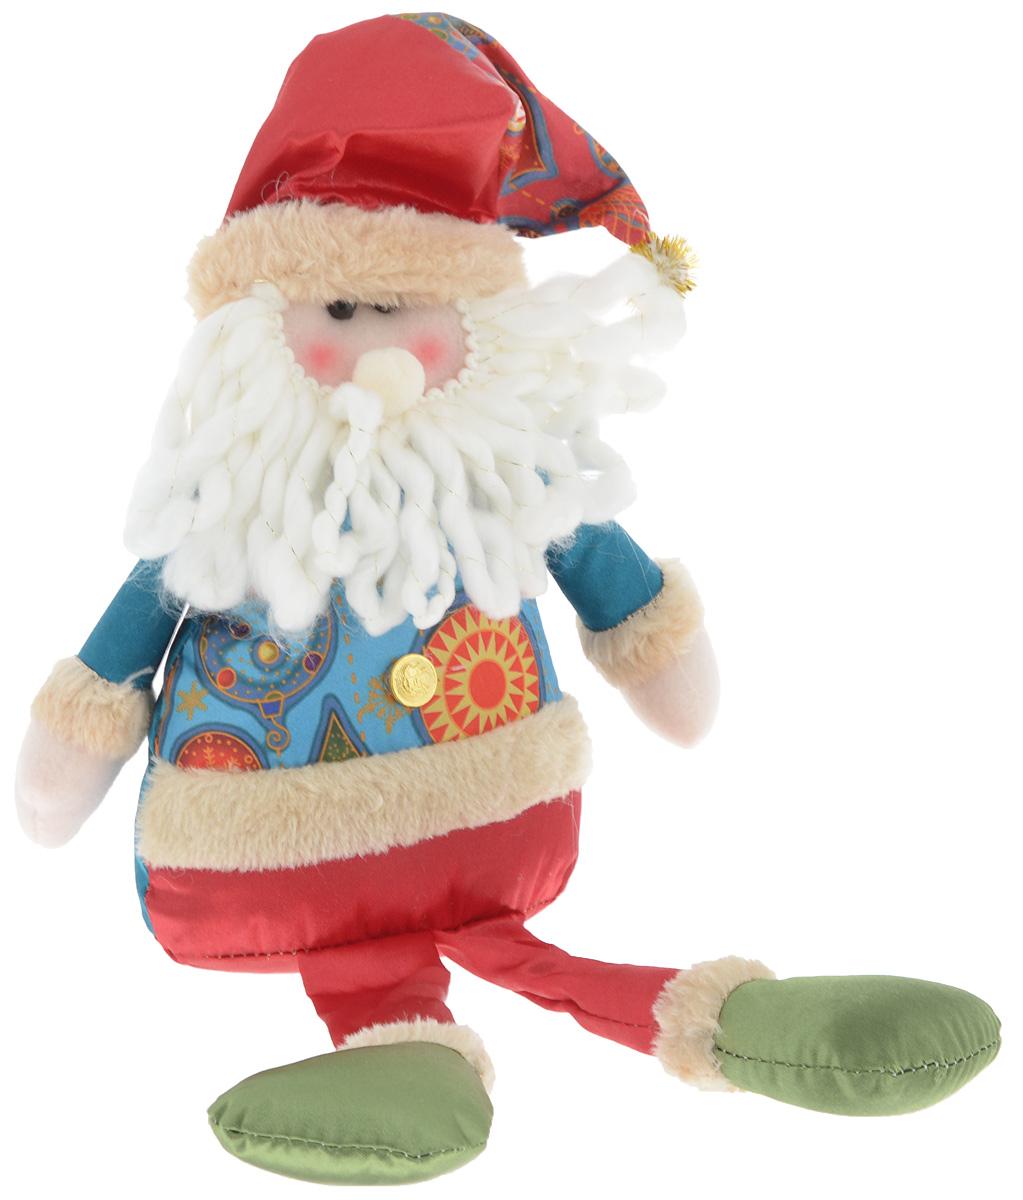 Украшение новогоднее декоративное Win Max Дед Мороз, 17,5 х 7 х 36 см175831_АУкрашение новогоднее декоративное Win Max Дед Мороз прекрасно подойдет для праздничного декора вашего дома. Изделие выполнено из текстиля с наполнителем из синтепона в виде забавного Деда Мороза. Для утяжеления и повышения устойчивости игрушки служит гранулят из полимера. Новогодние украшения несут в себе волшебство и красоту праздника. Они помогут вам украсить дом к предстоящим праздникам и оживить интерьер. Создайте в доме атмосферу тепла, веселья и радости, украшая его всей семьей. Кроме того, такая игрушка станет приятным подарком, который надолго сохранит память этого волшебного времени года.